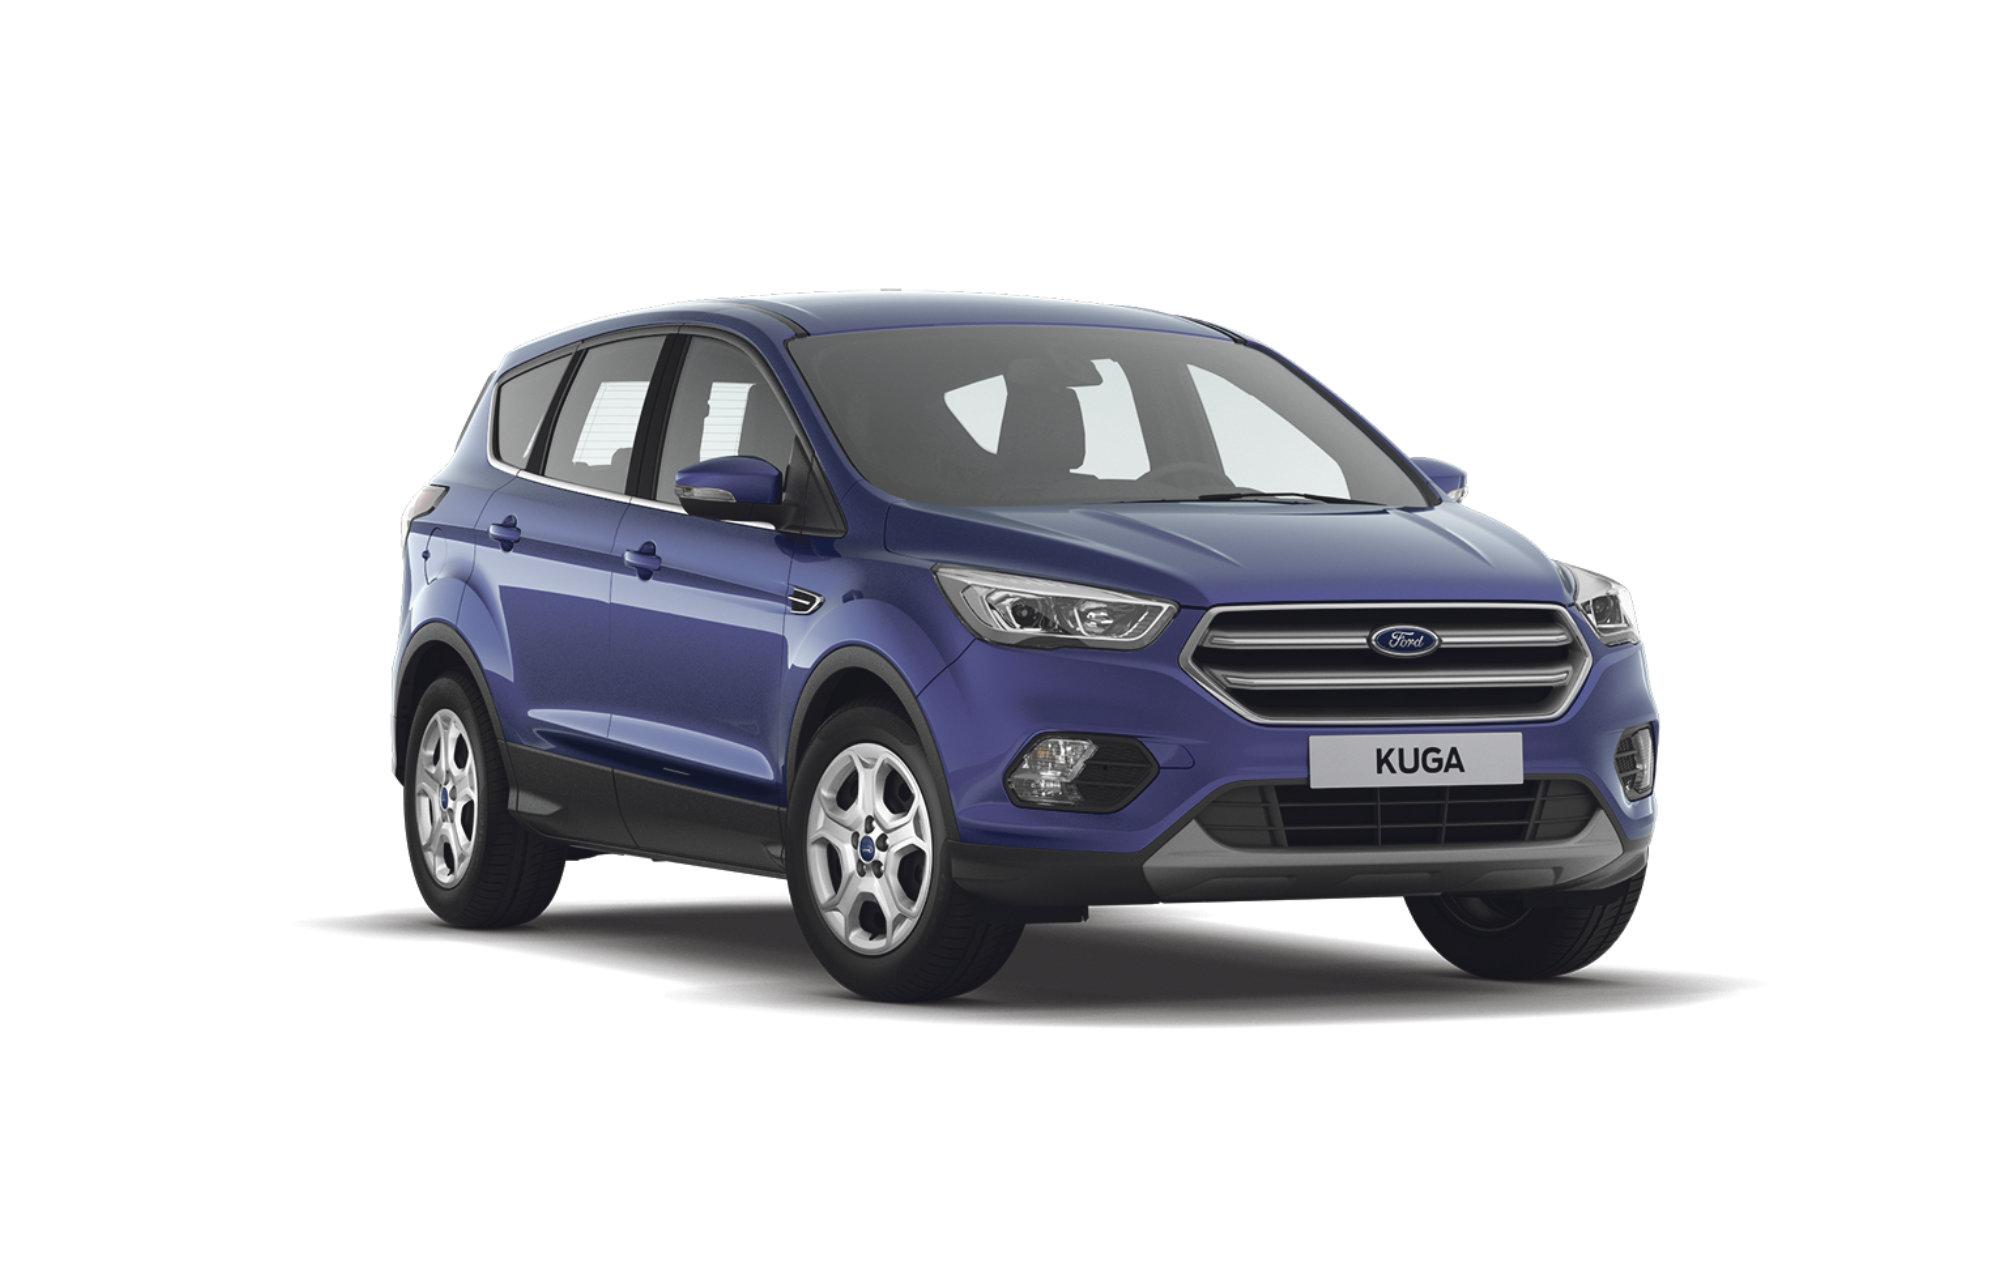 Ford_Kuga_Kampanje